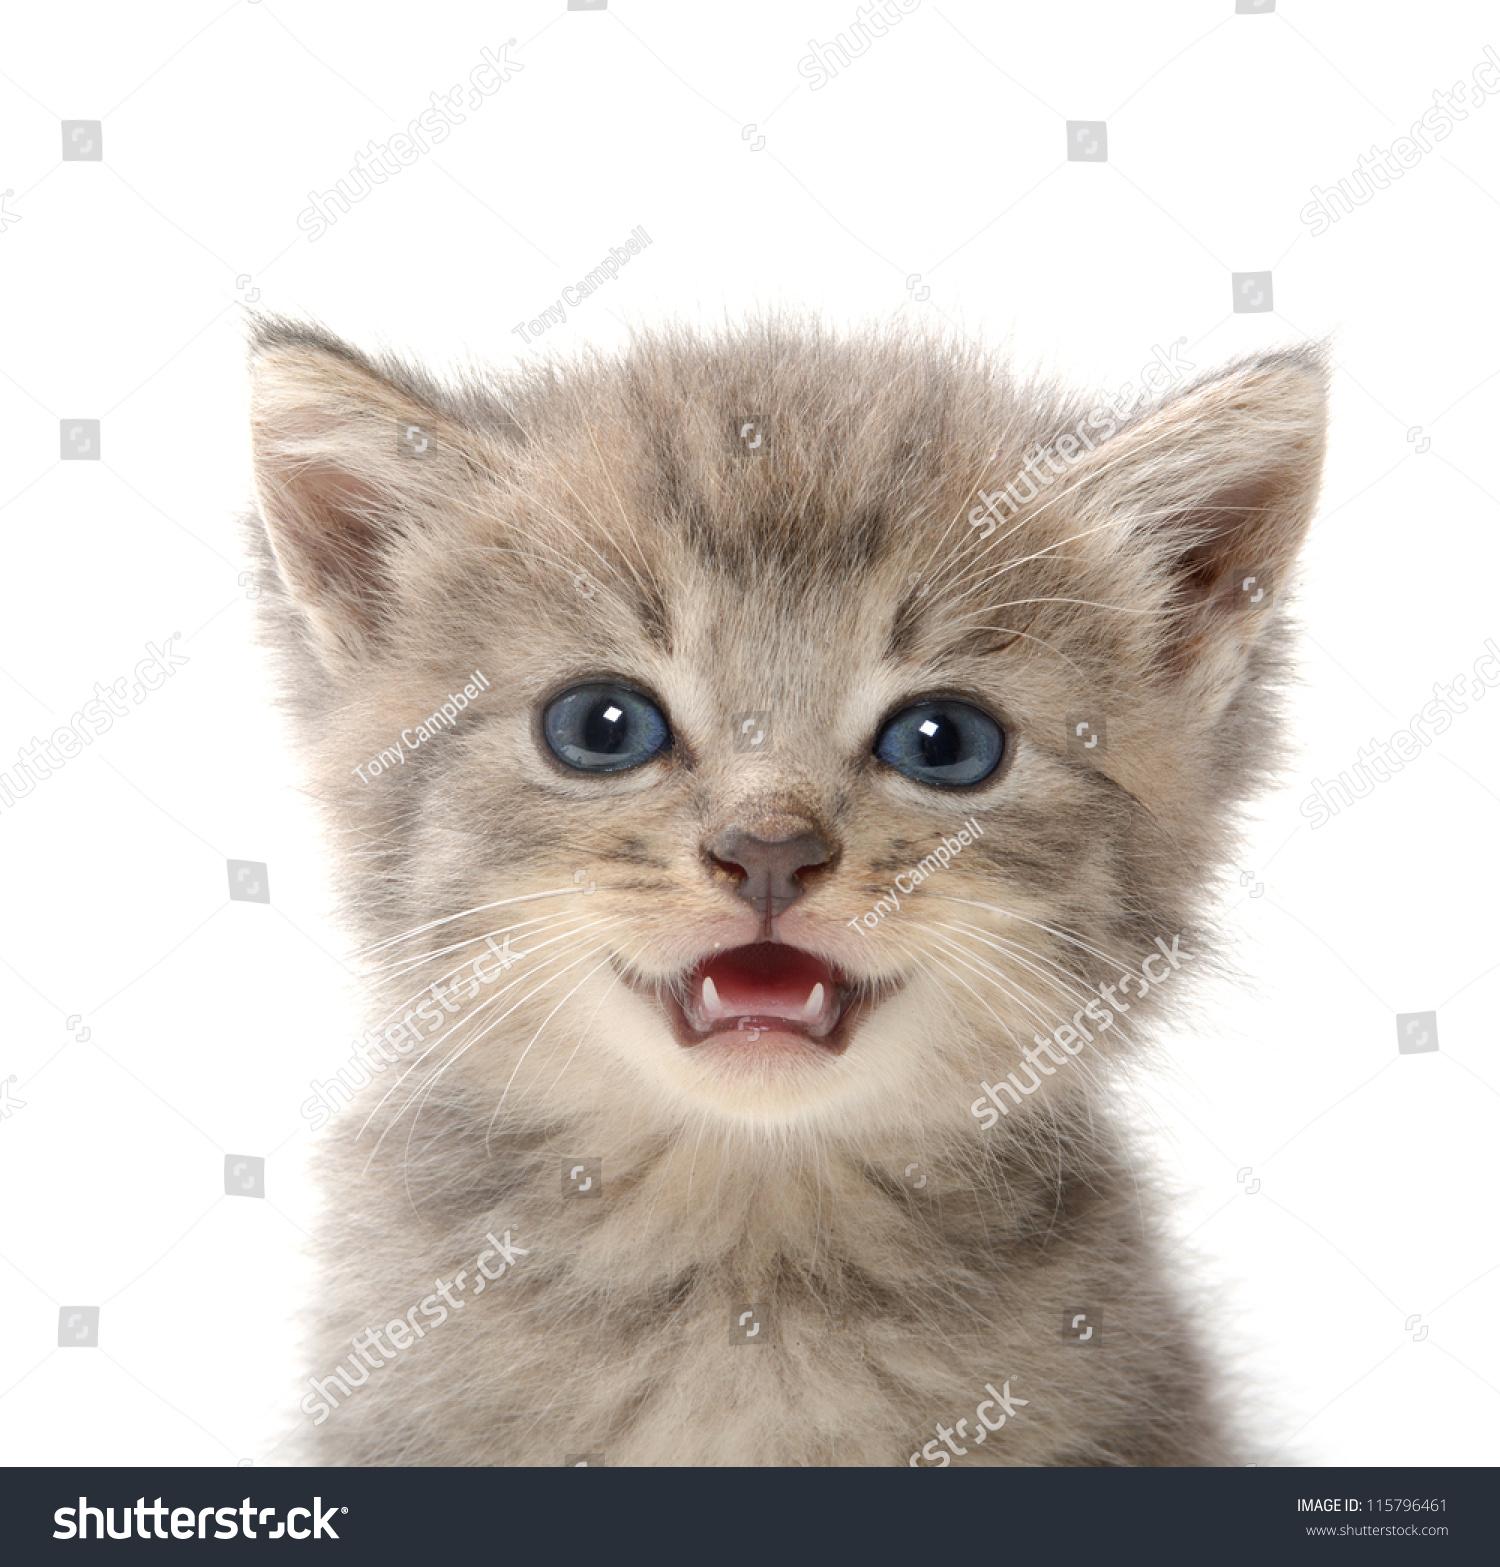 可爱的宠物虎斑小猫婴儿在白色背景上-动物/野生生物